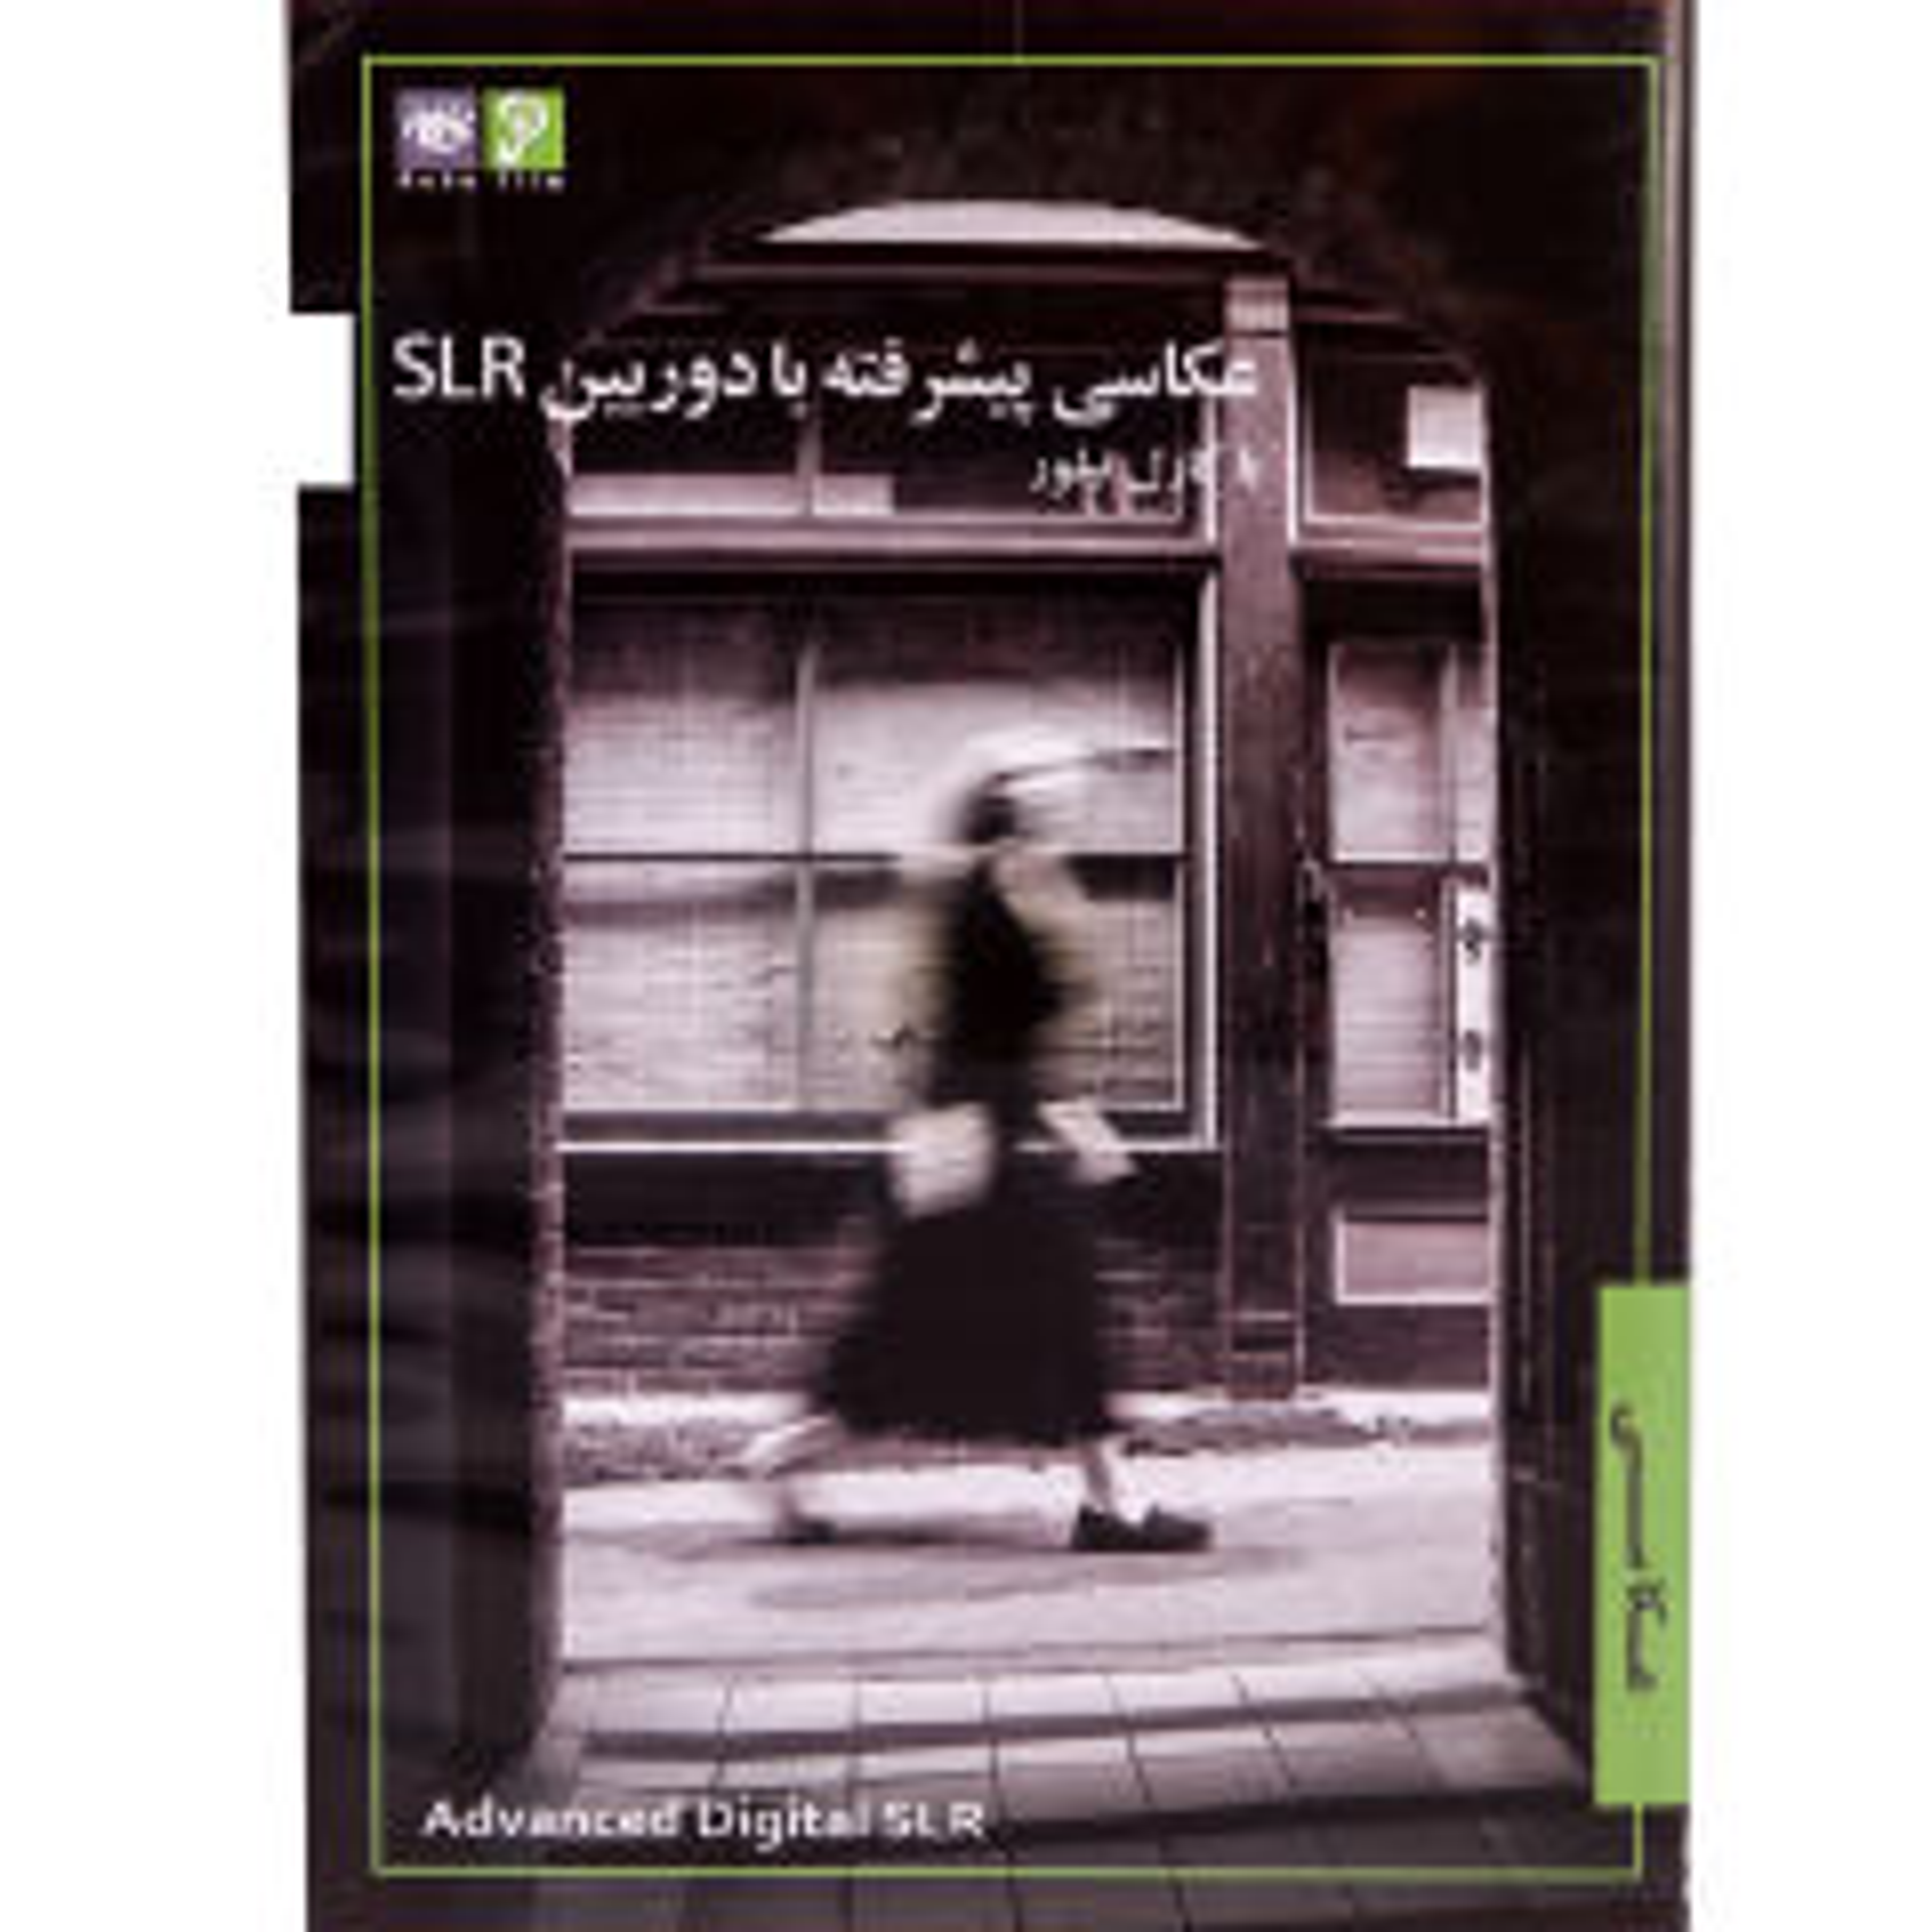 فیلم آموزشی عکاسی پیشرفته با دوربین SLR نشر موسسه فرهنگ و هنر رها فیلم